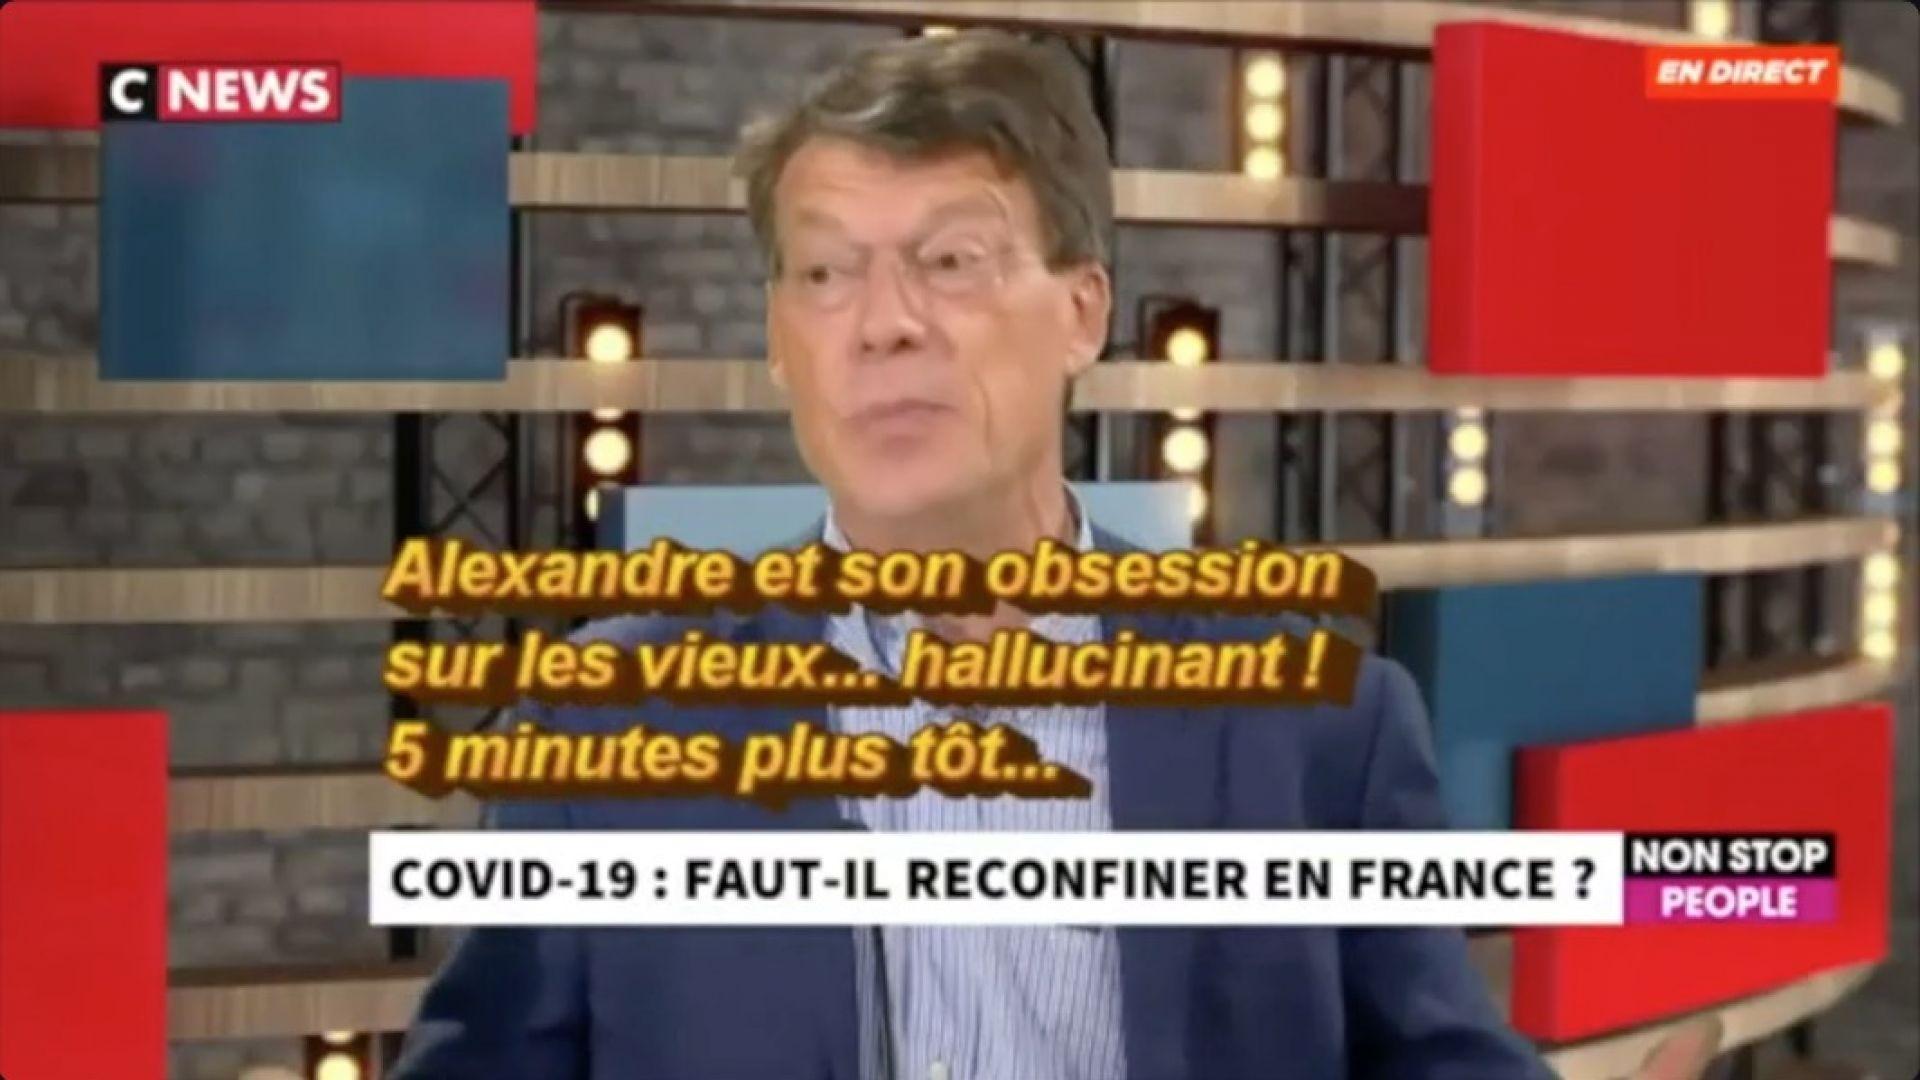 Le Dr Laurent Alexandre est un criminel